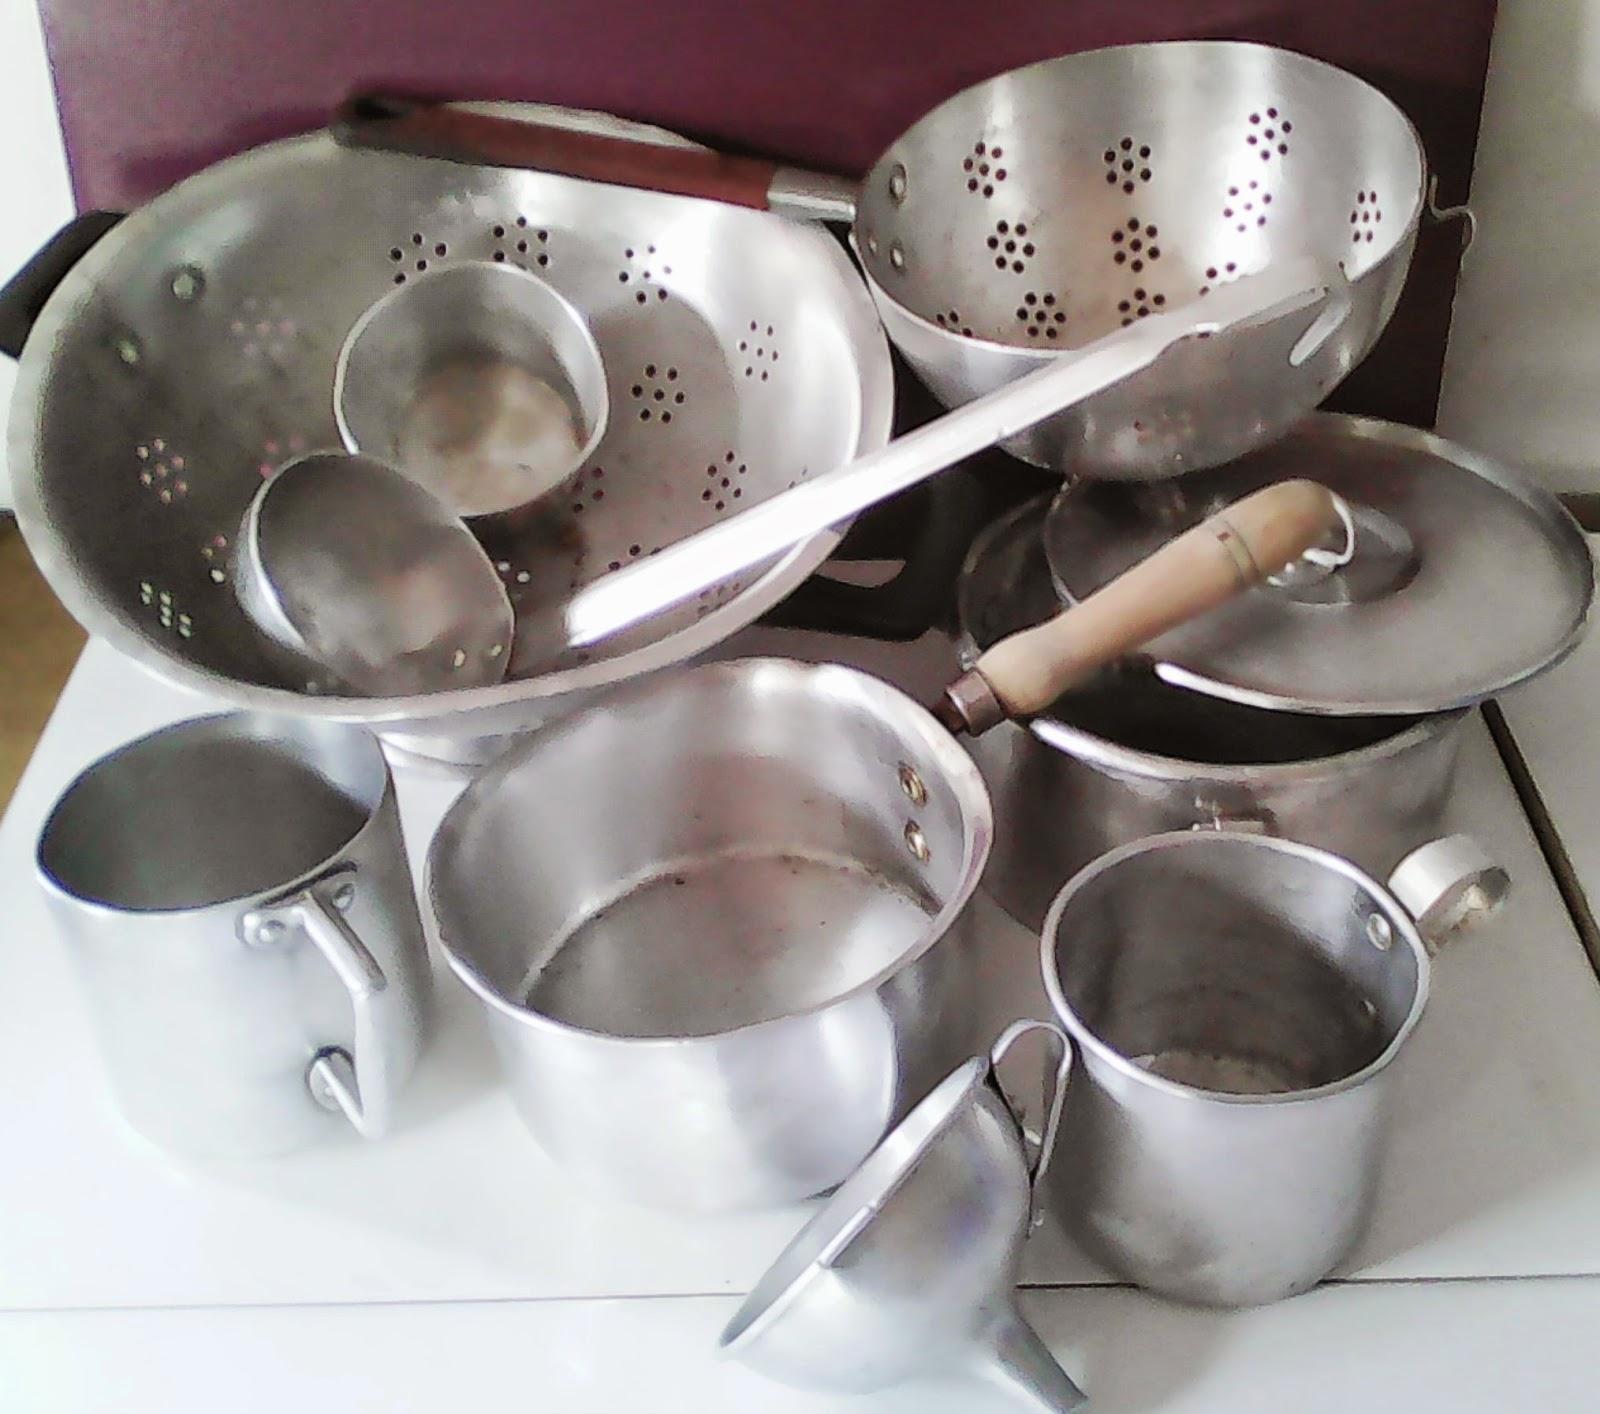 O desv n vintage do pereiro lote utensilios de cocina de for Cacharros de cocina